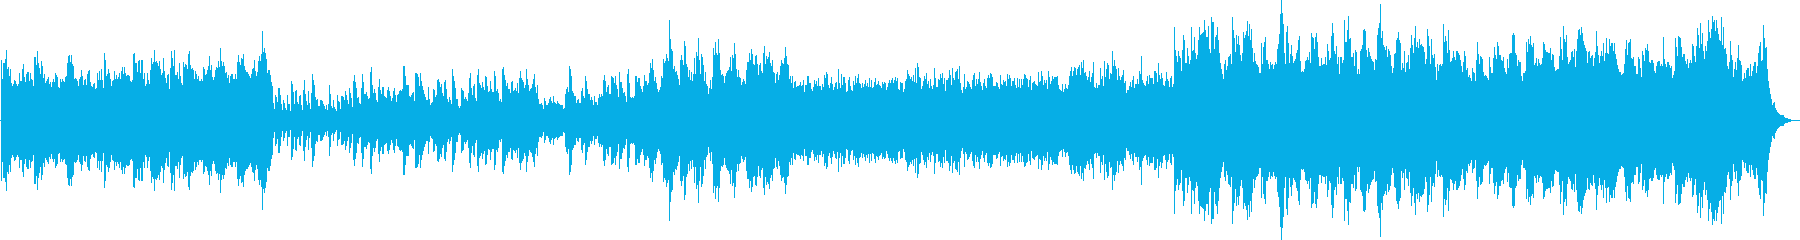 感動的・スケールの大きなドキュメンタリーの再生済みの波形